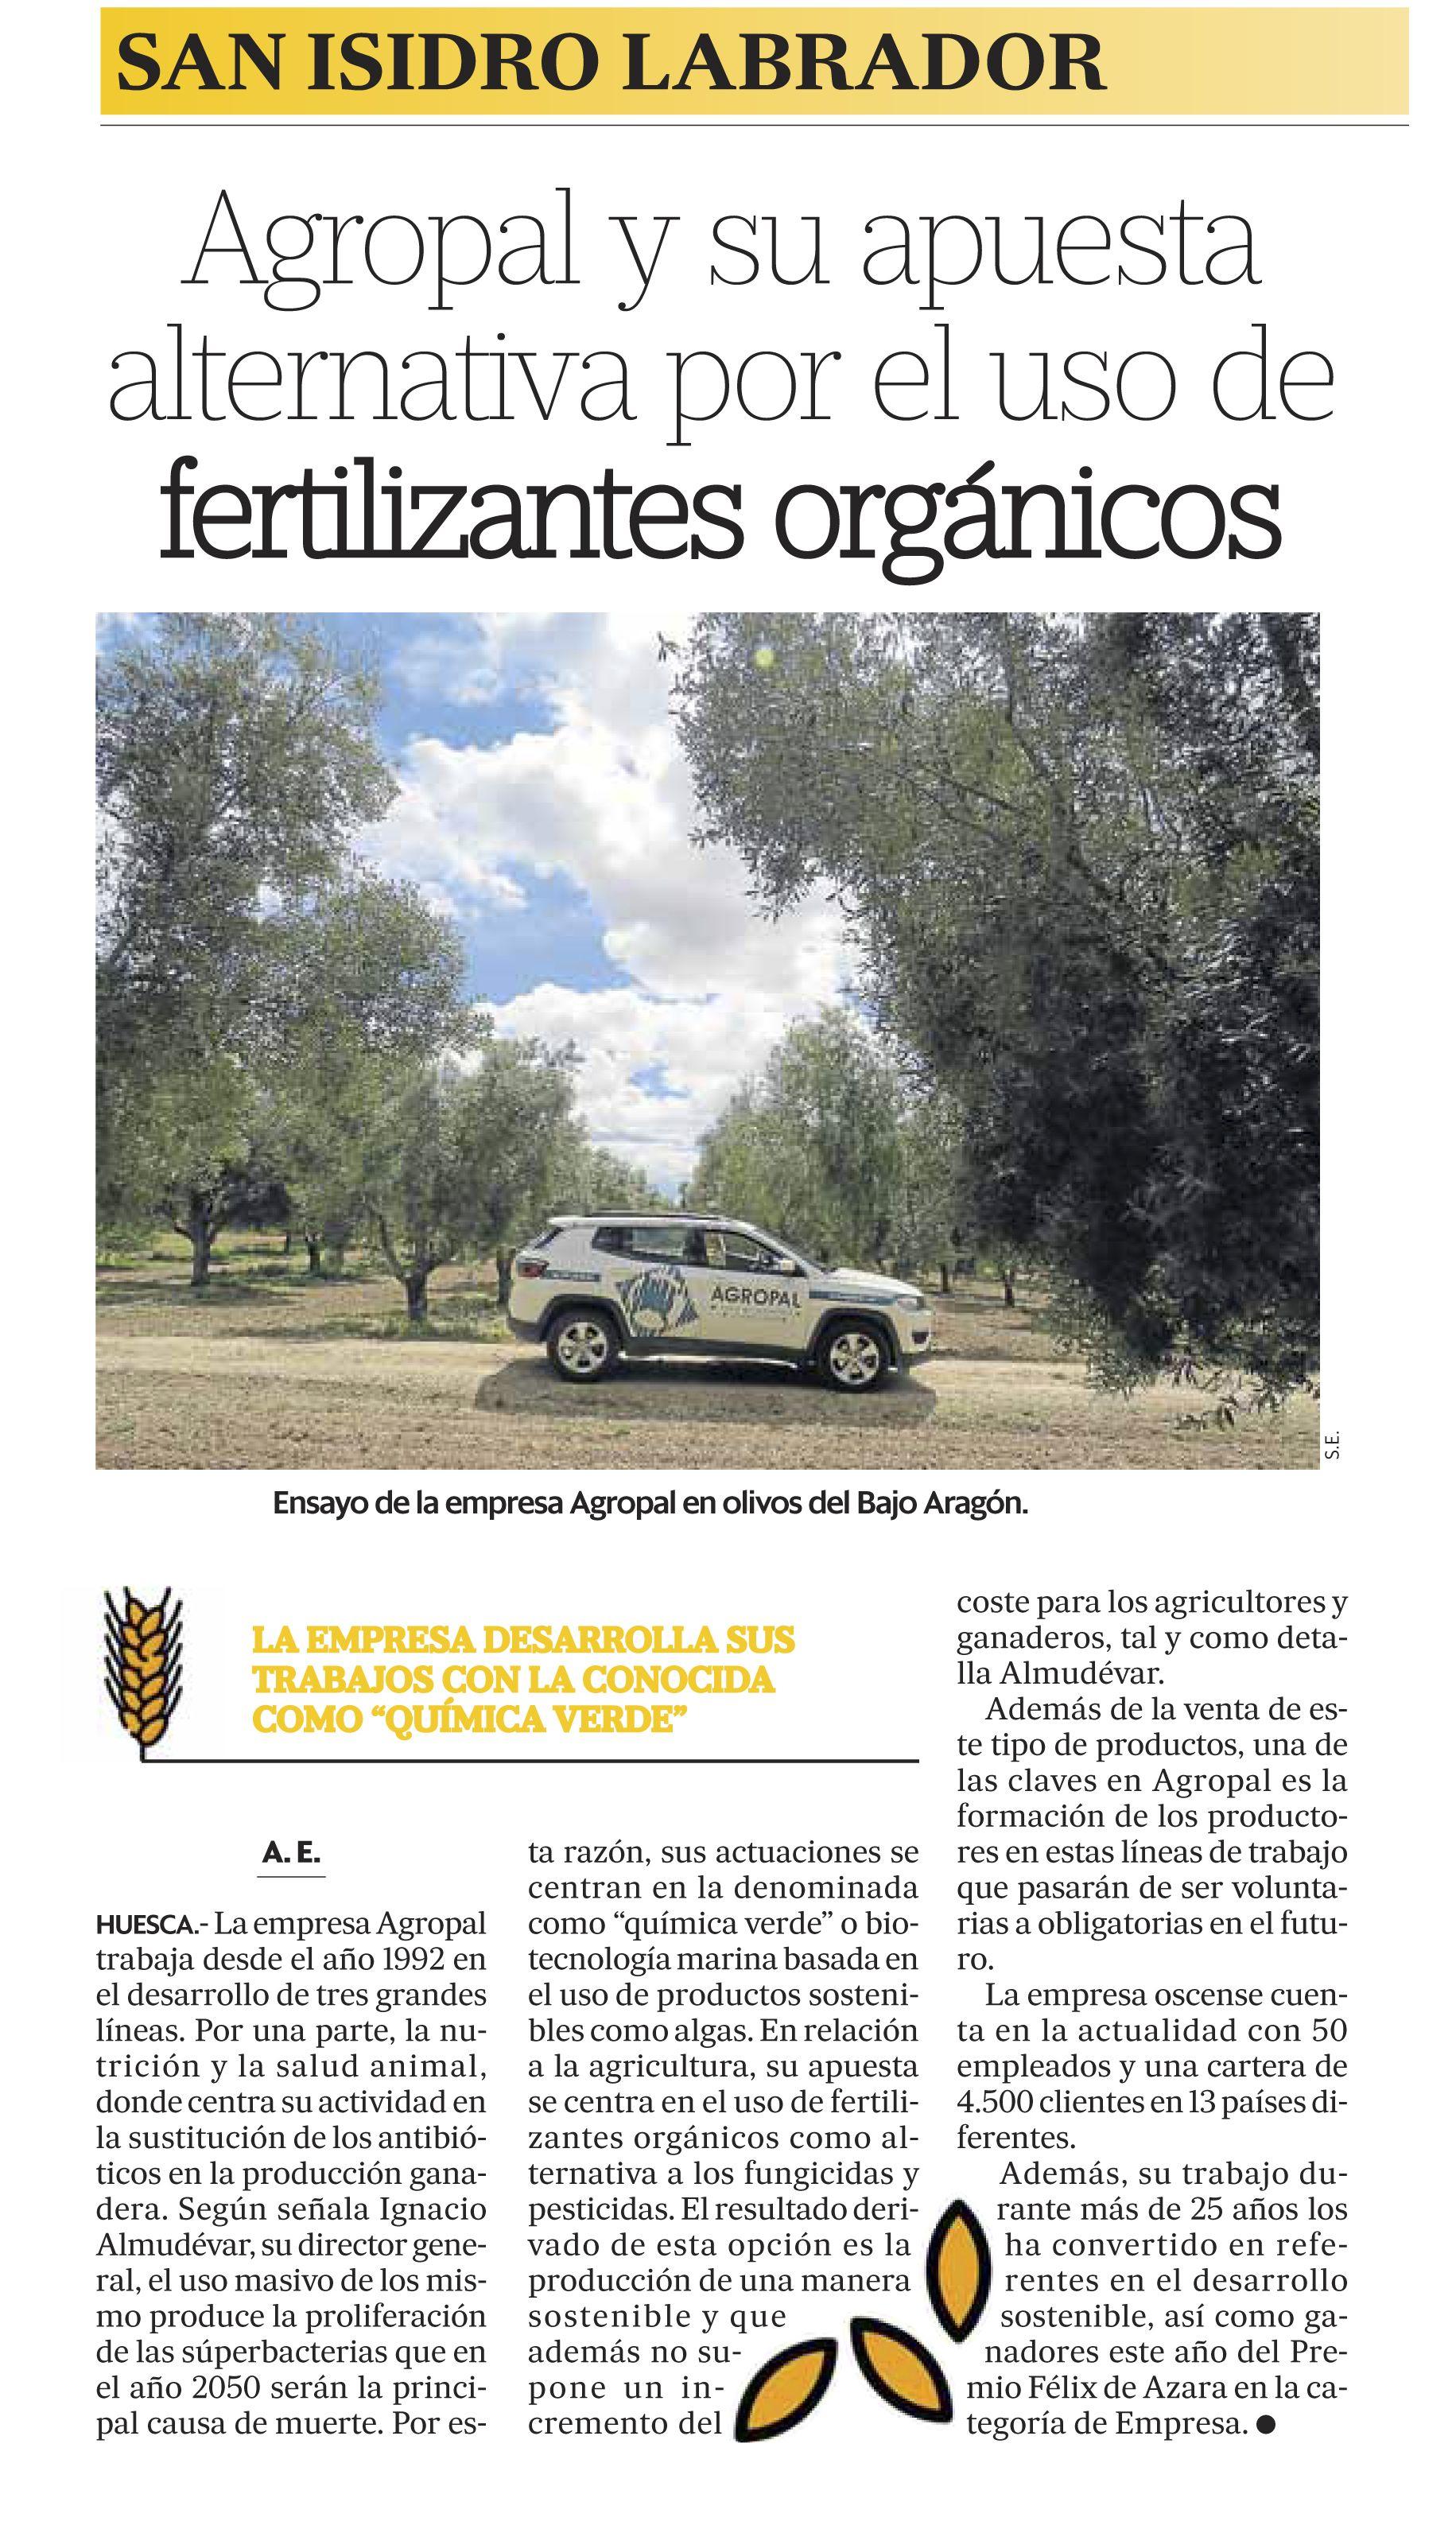 (Español) SAN ISIDRO 2019